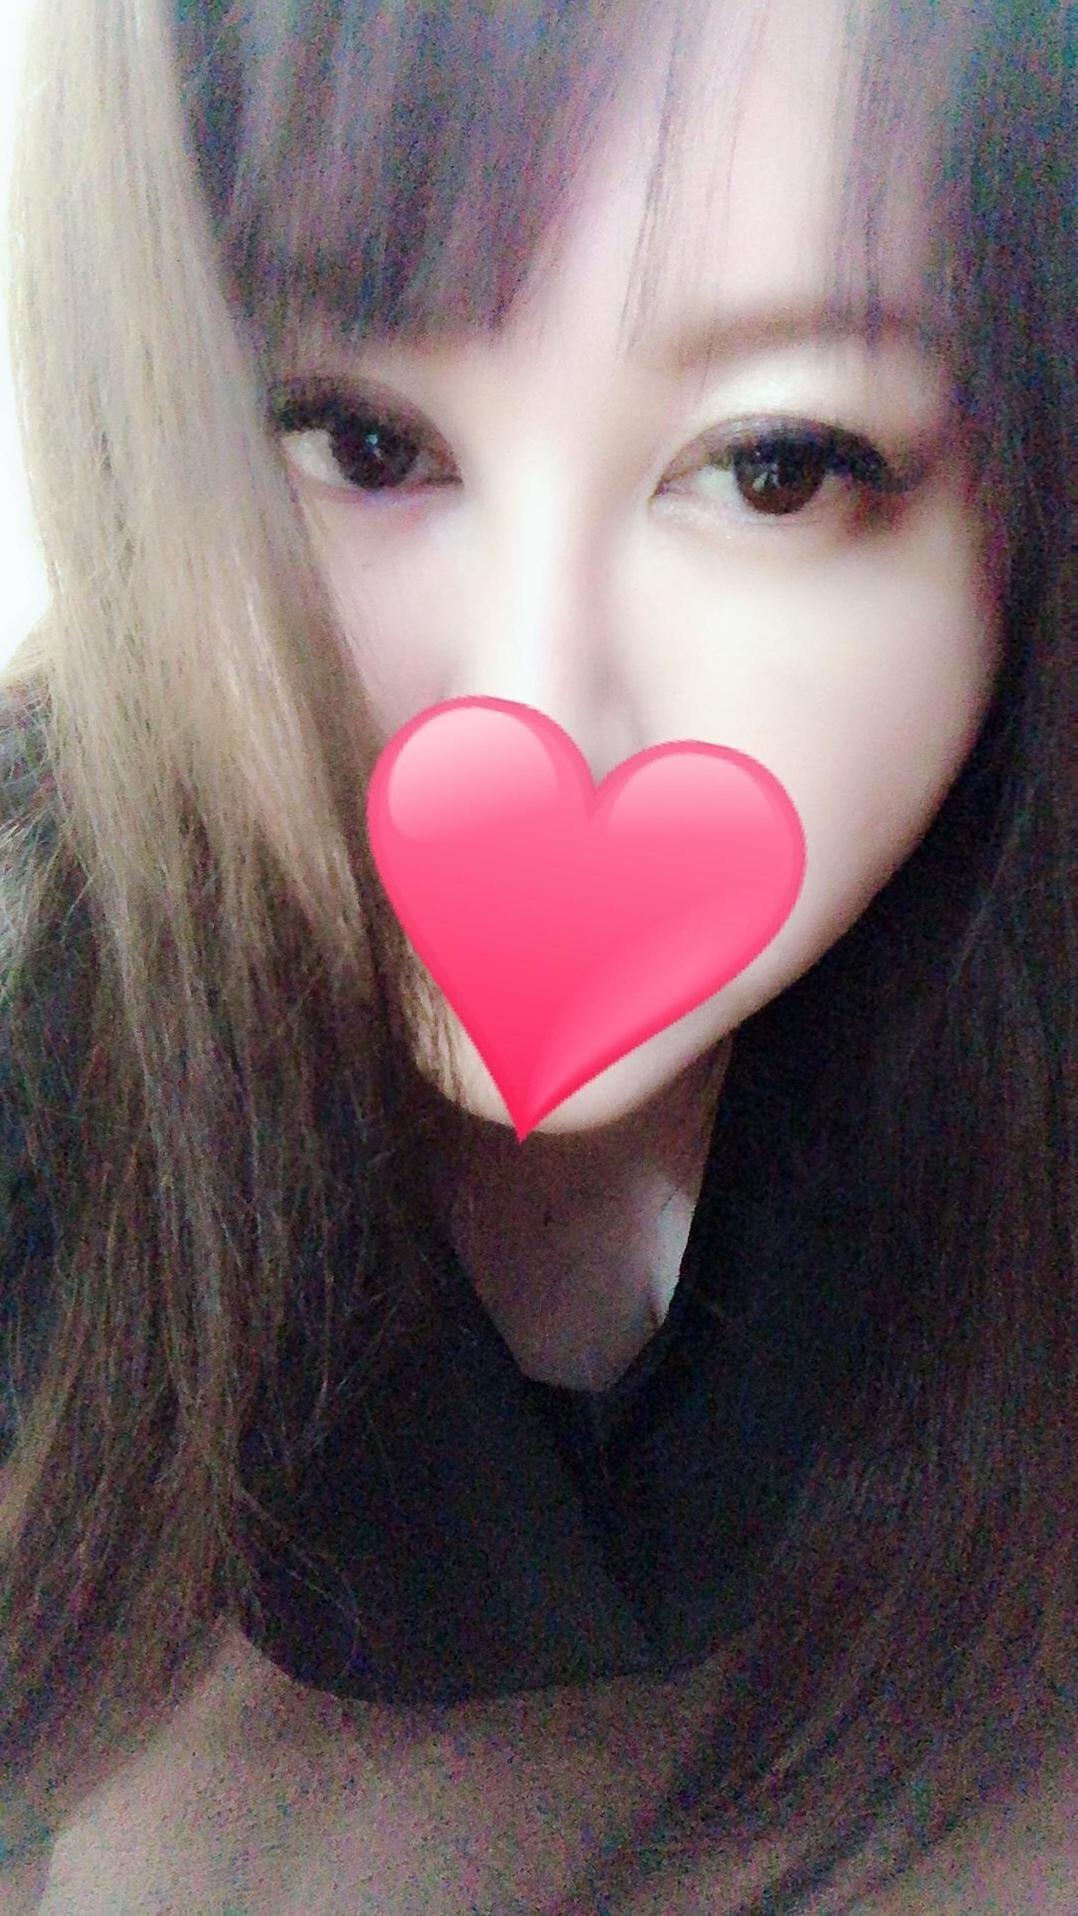 「水曜日」12/20(木) 07:31   れなの写メ・風俗動画